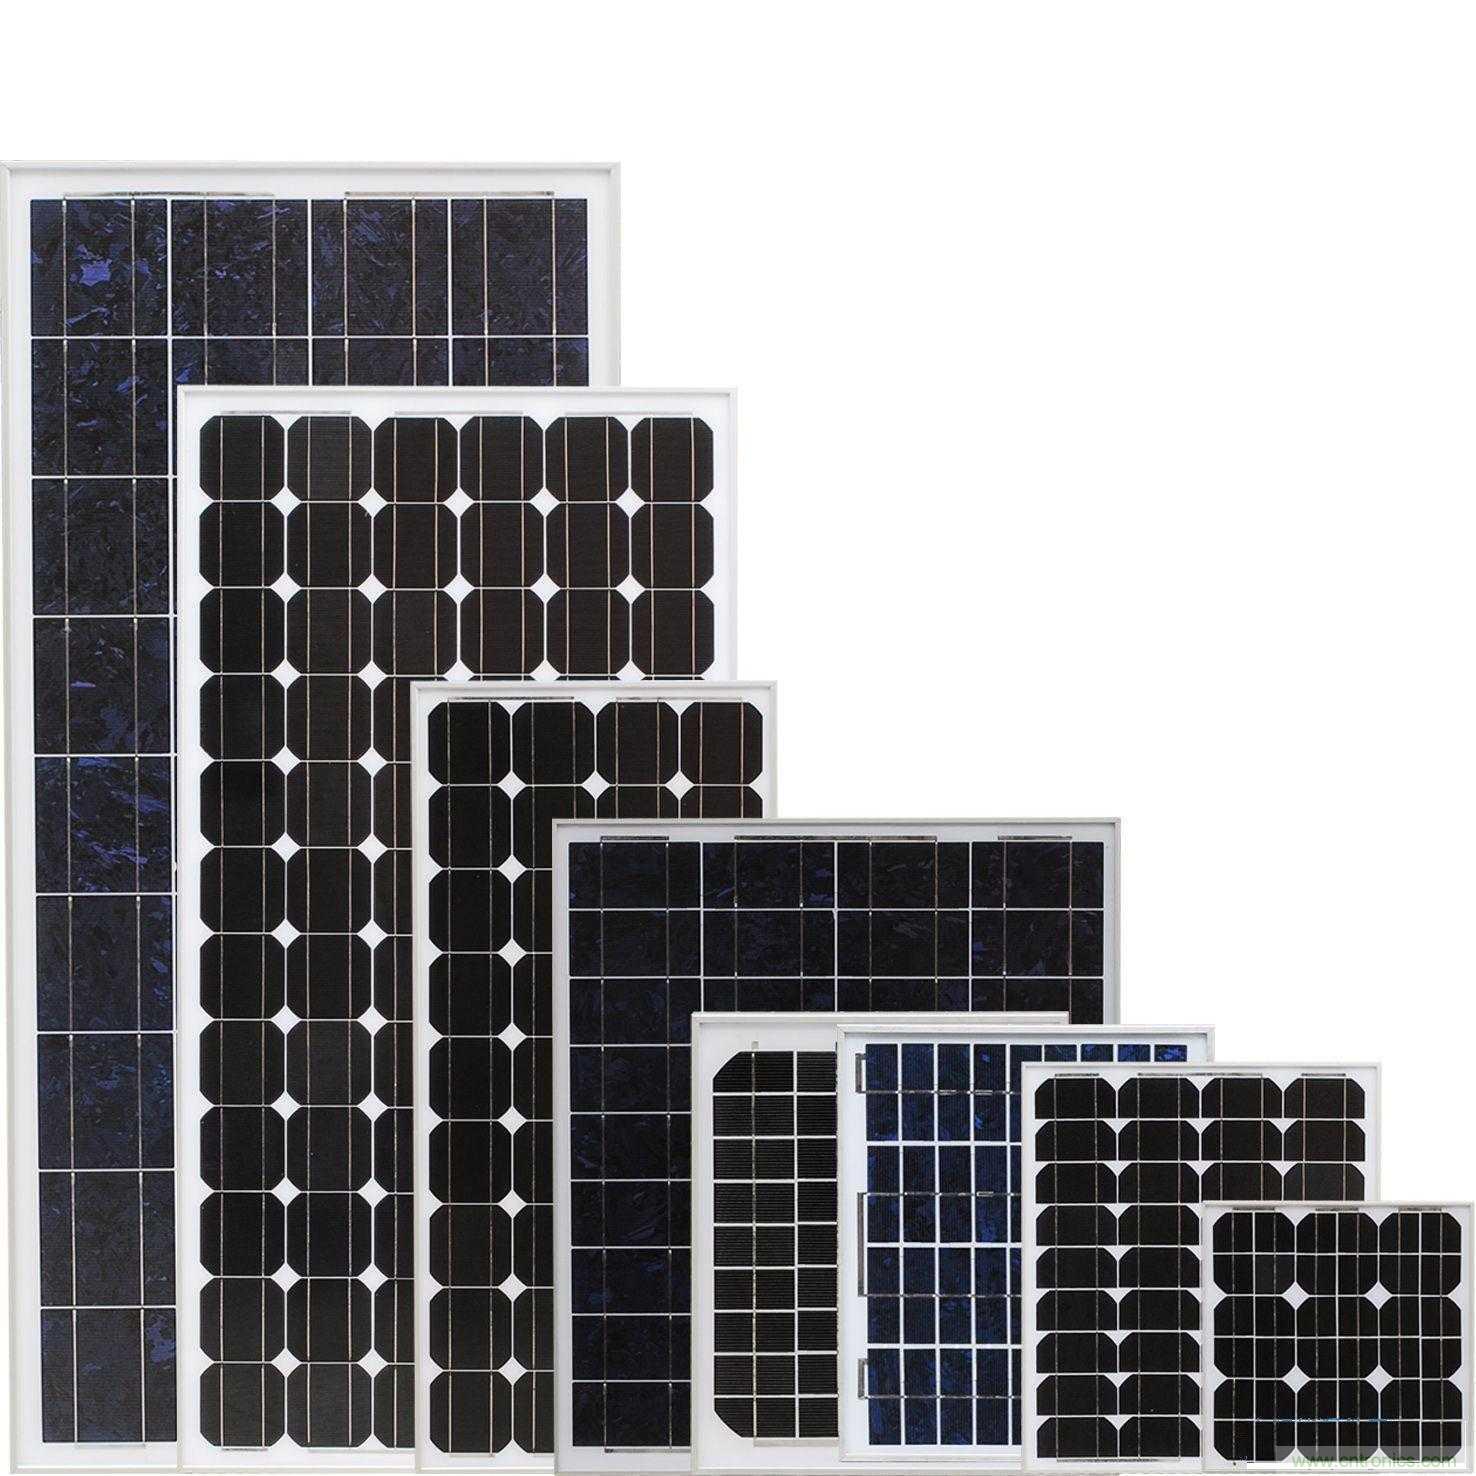 太阳能电池组件-基础知识-电子元件技术网电子百科